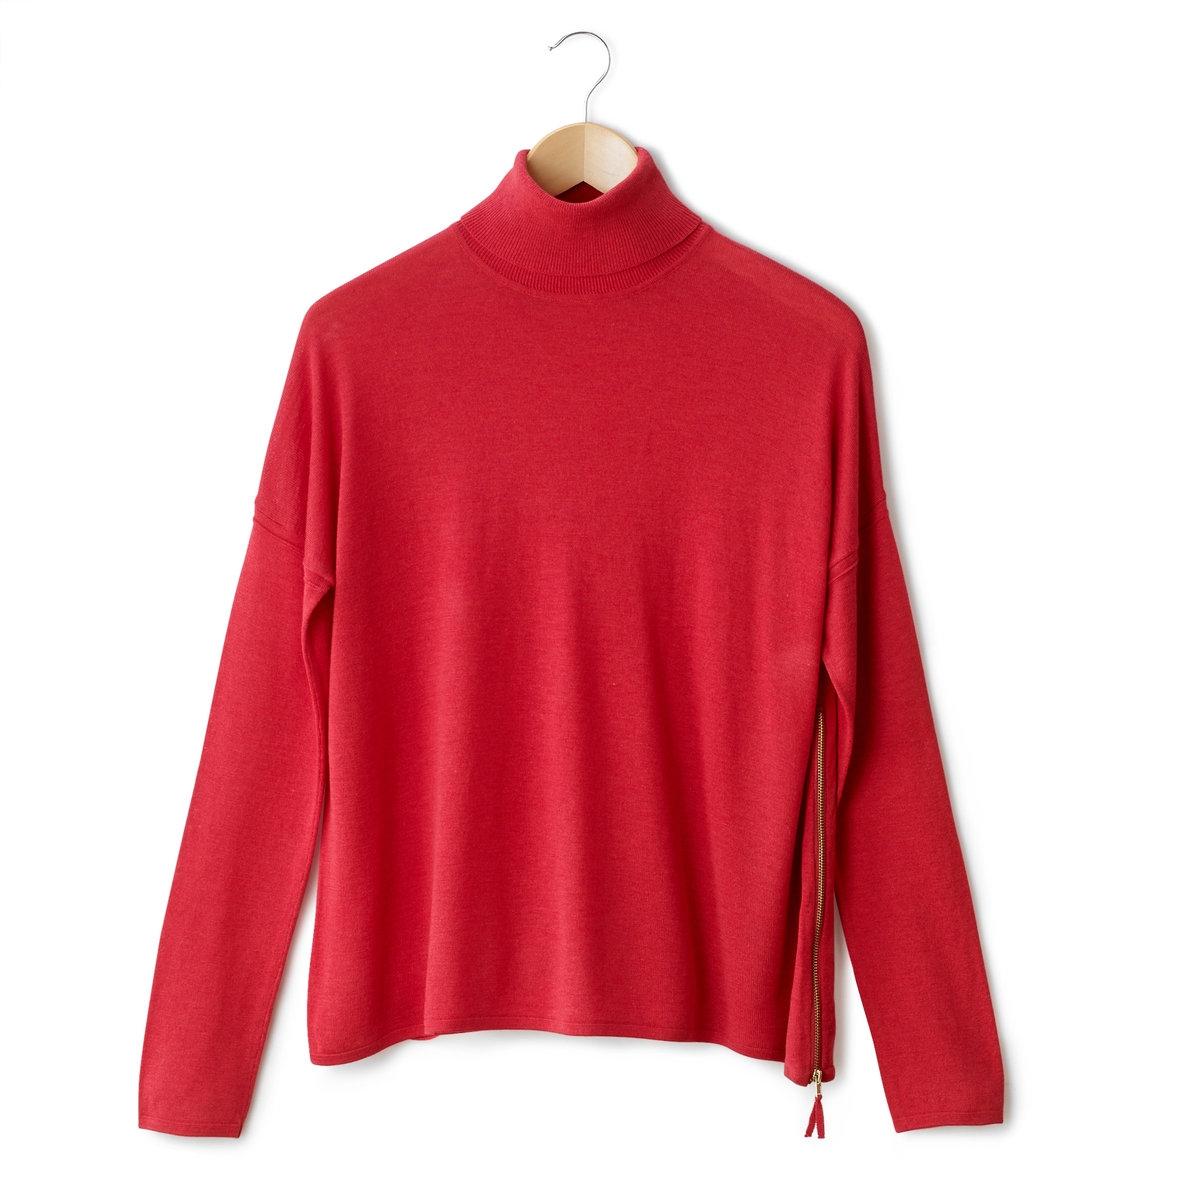 Пуловер с высоким воротником и длинными рукавамиПуловер с высоким воротником и длинными рукавами. 50% вискозы, 40% акрила, 10% мериносовой шерсти. Края связаны в рубчик. Застежка на молнию сбоку. Длина 62 см.<br><br>Цвет: розовый